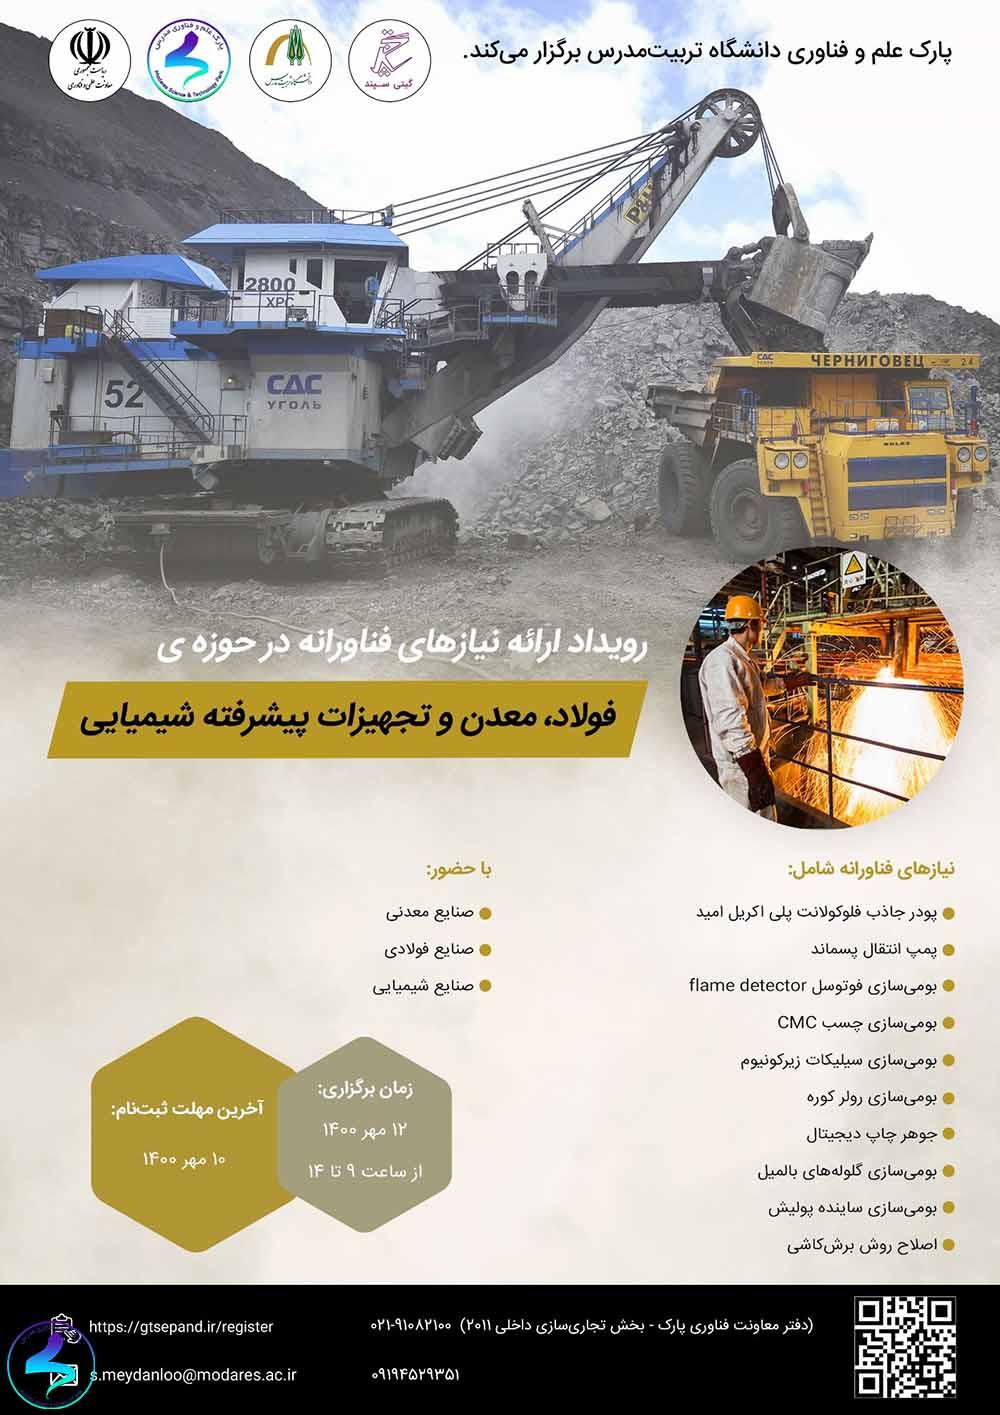 برگزاری رویداد ارائه نیازهای فناورانه در حوزه فولاد